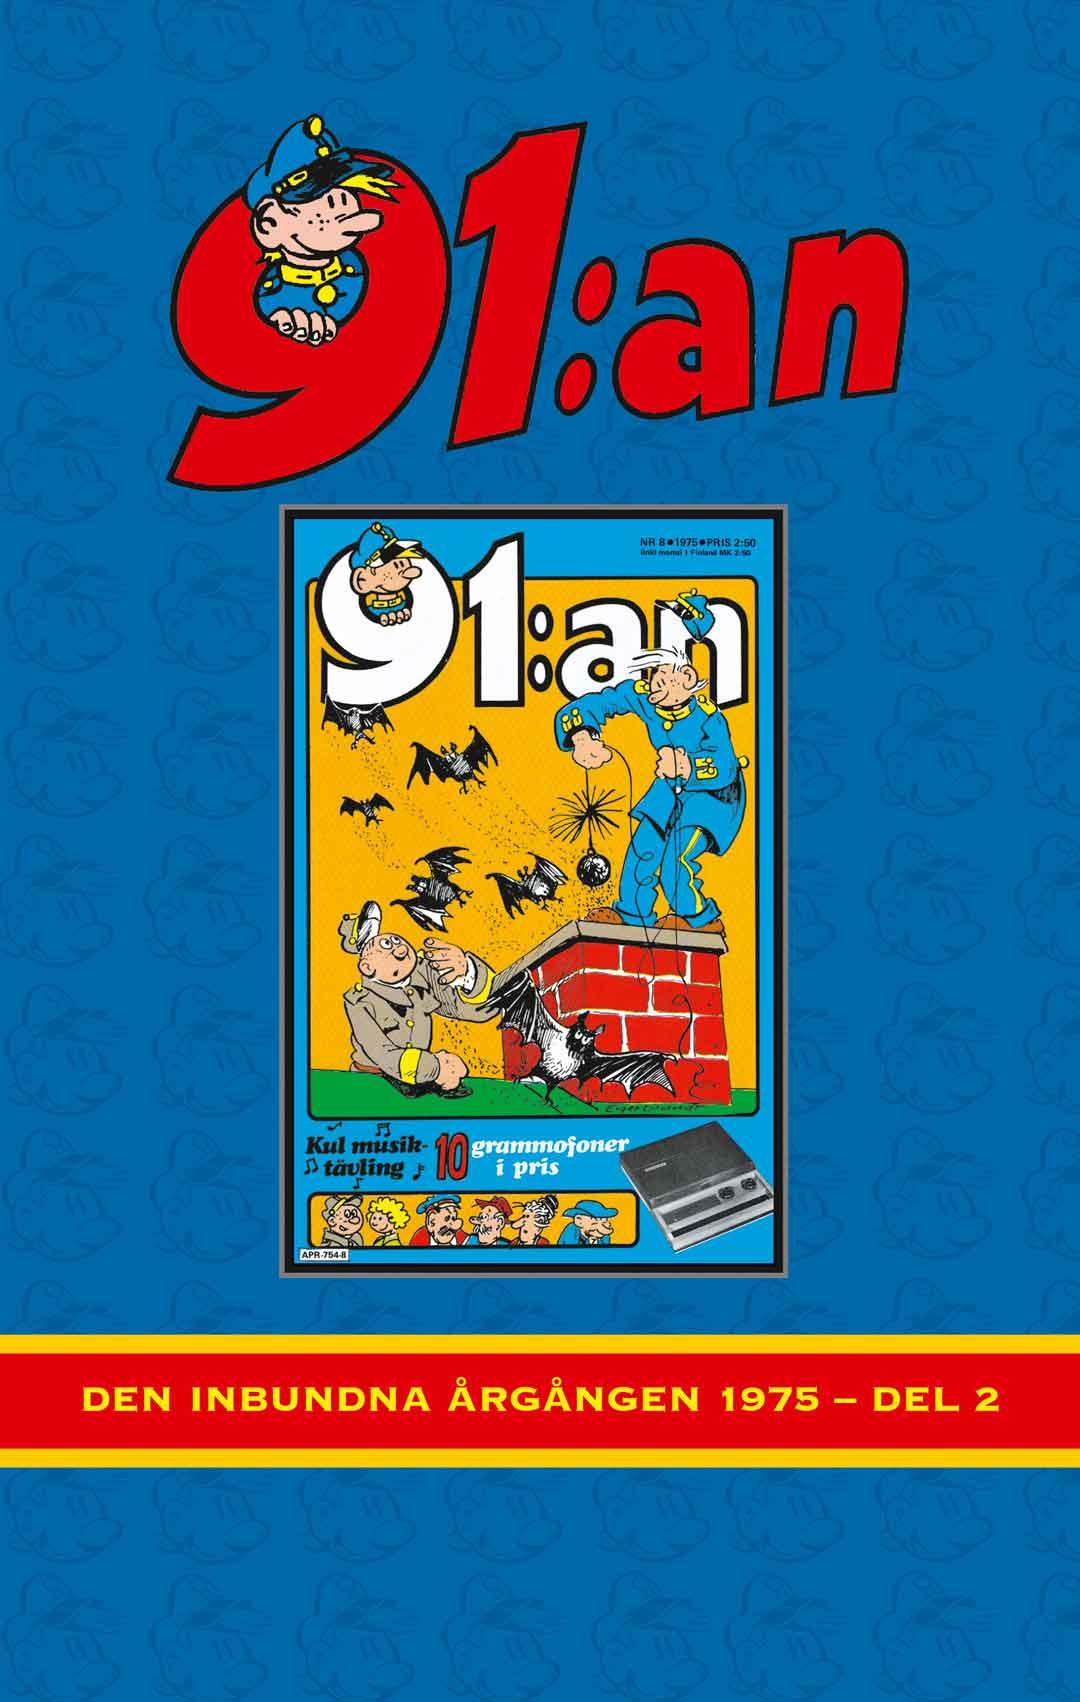 91:an Årgångar 1975 del 2